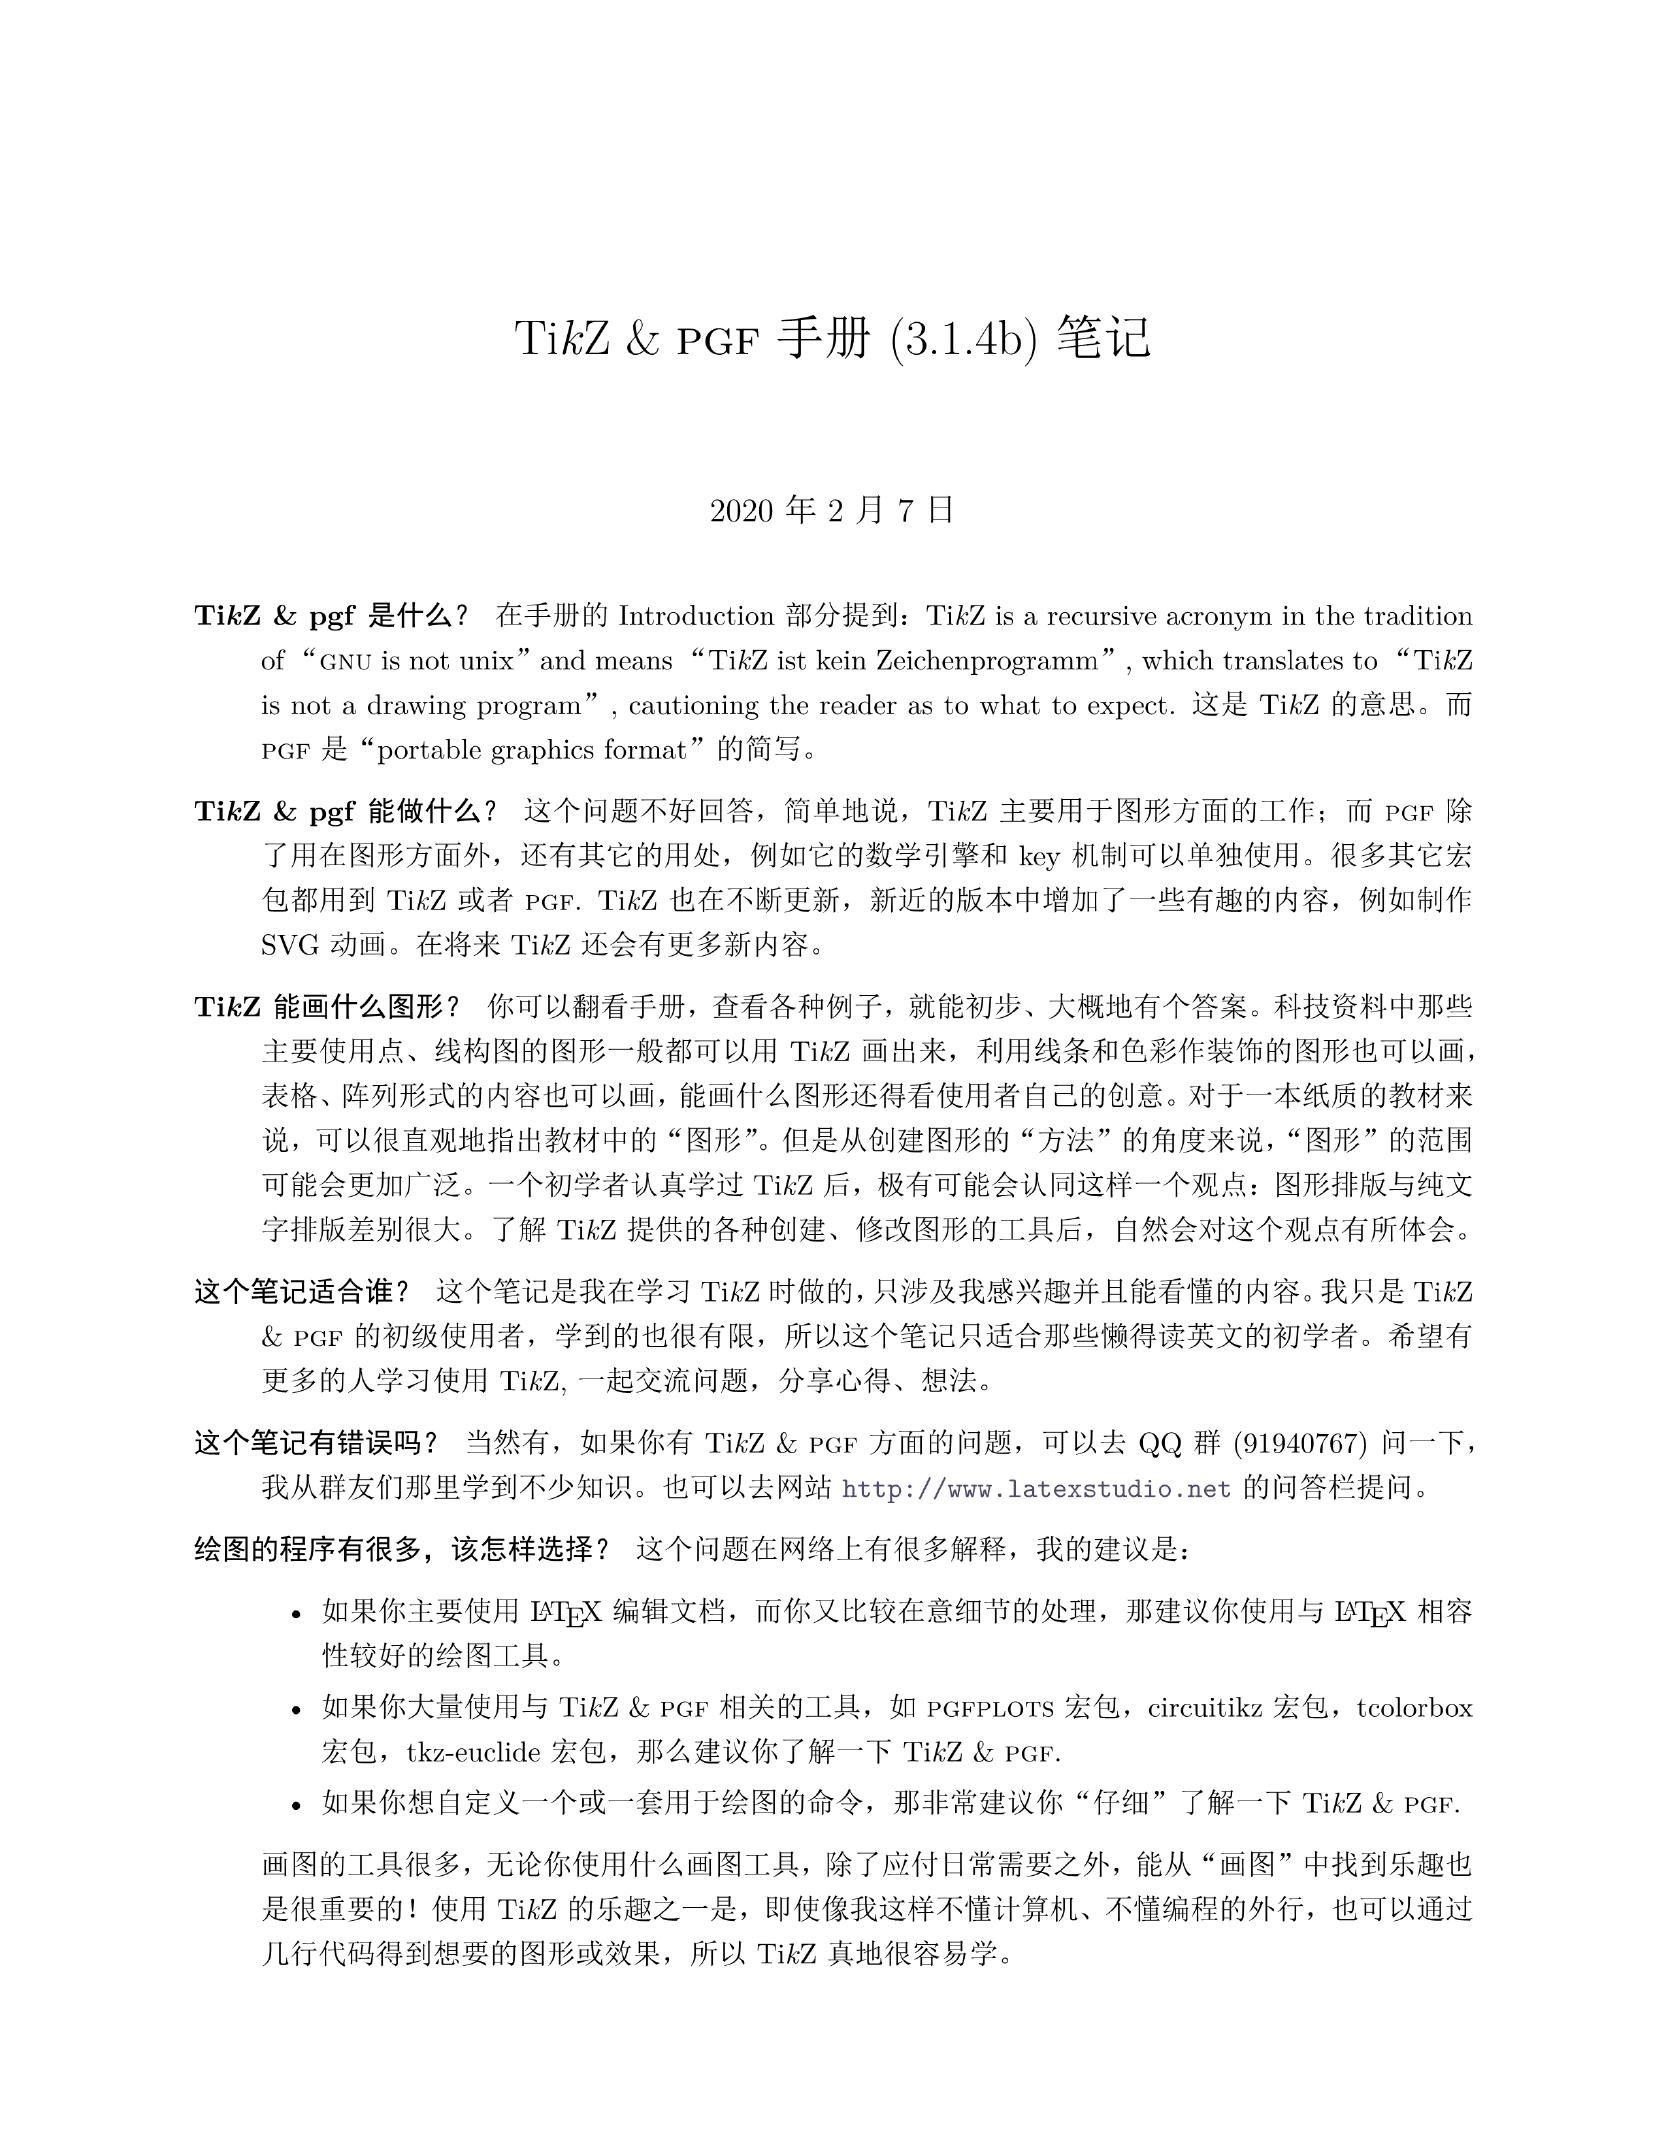 TiKZ 学习笔记更新了 - 版本 3.1.5b 发布了